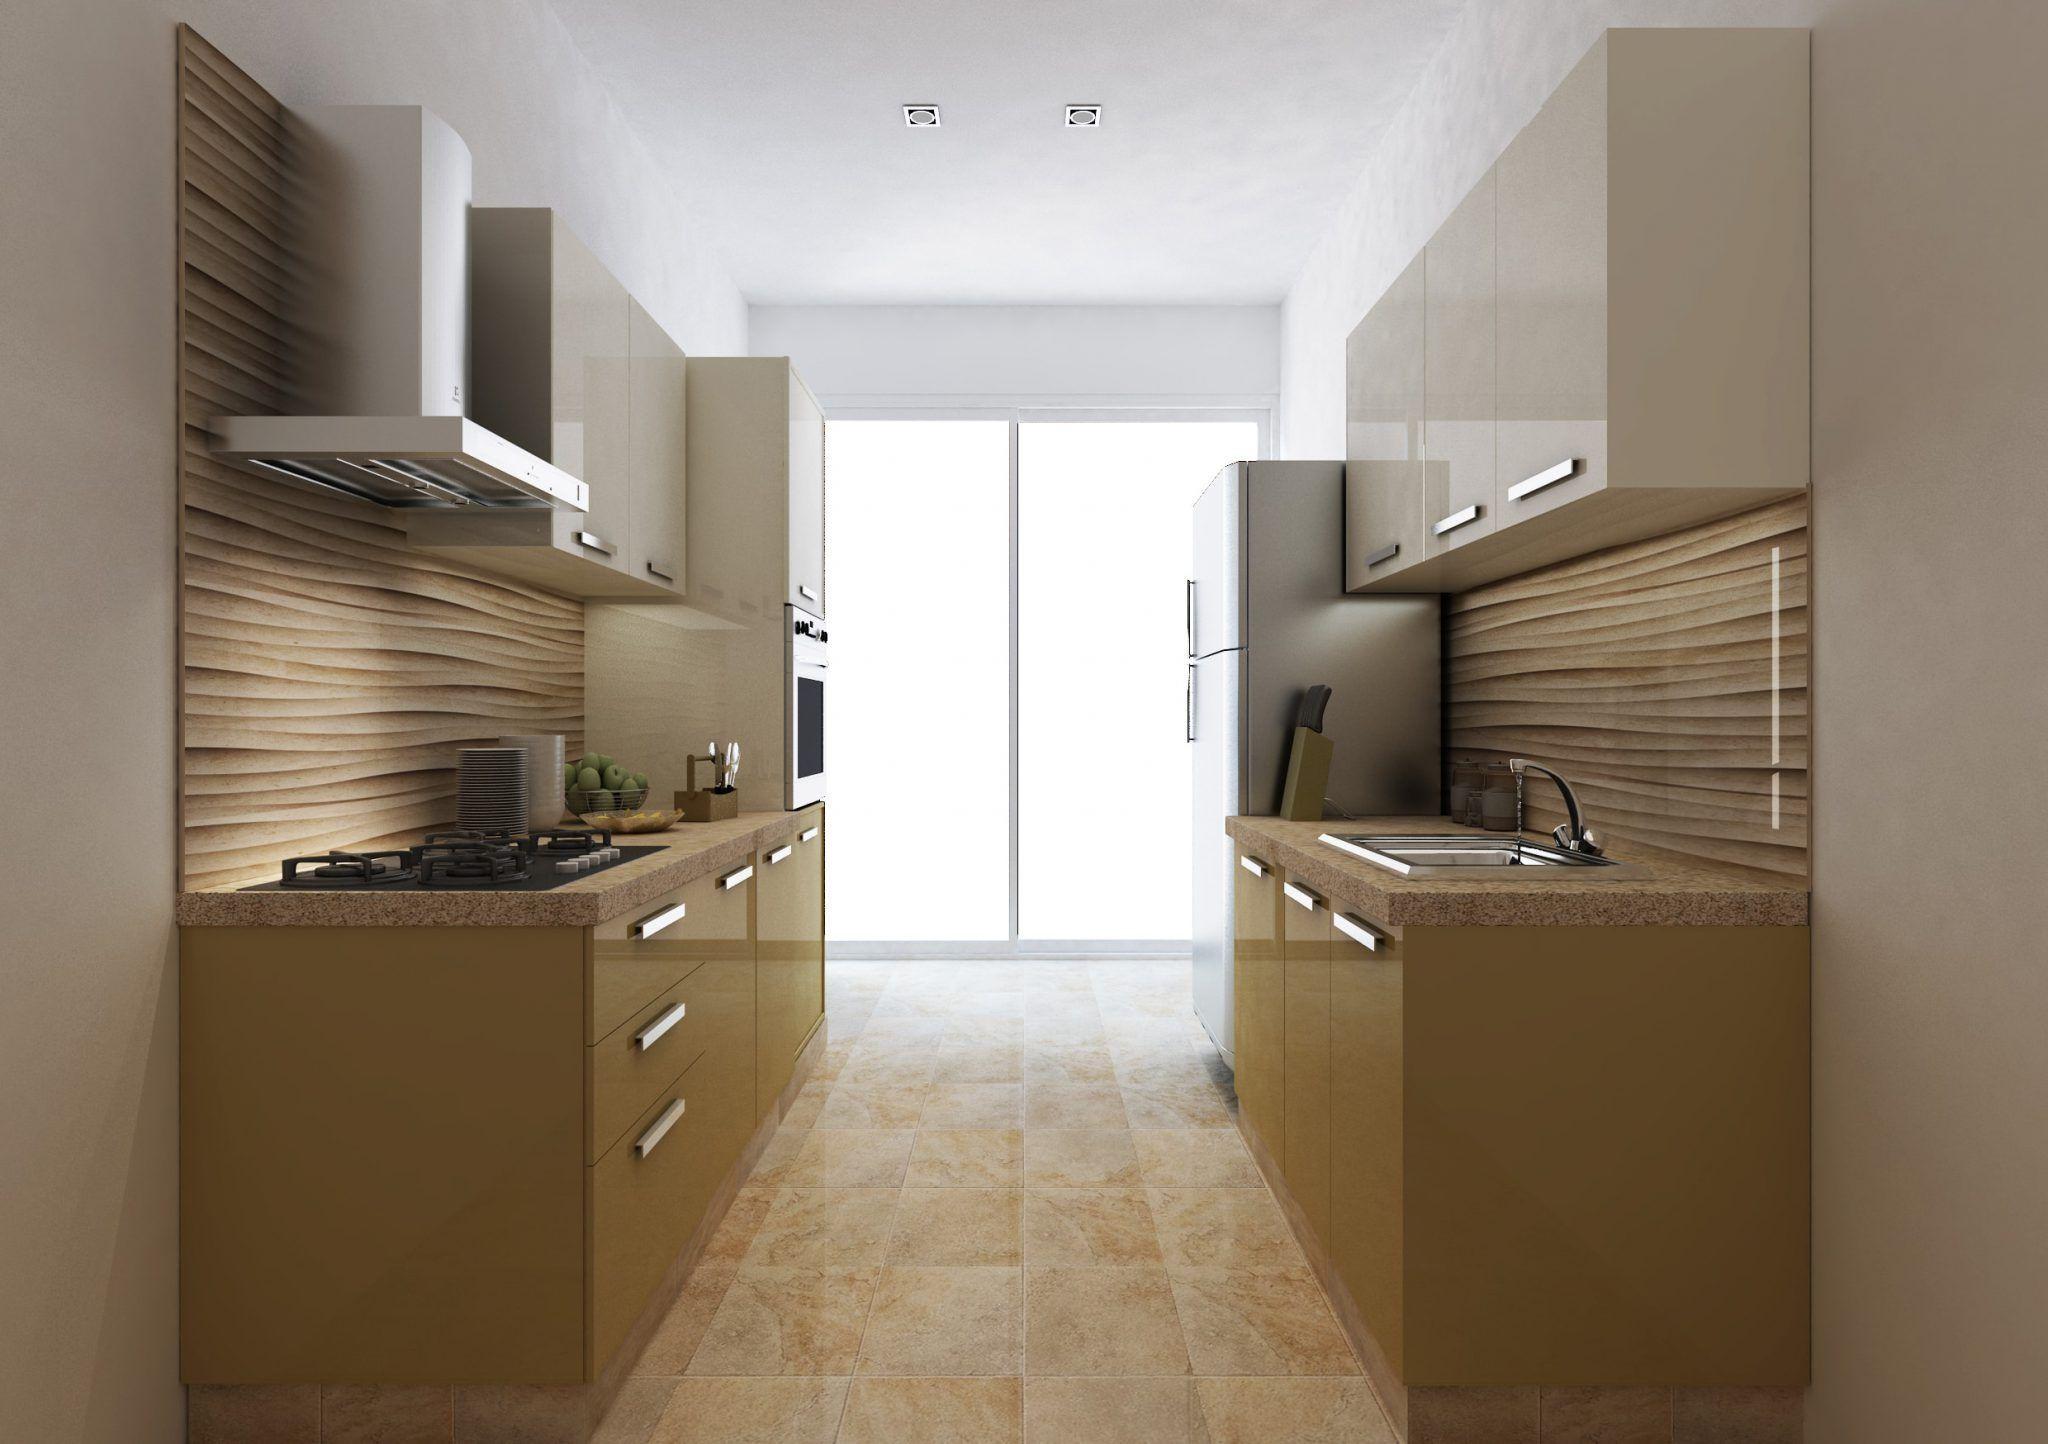 Parallel Kitchen Designer In Pune Parallel Kitchen Design Ideas With  Parallel Kitchen Designs Parallel Kitchen Designs